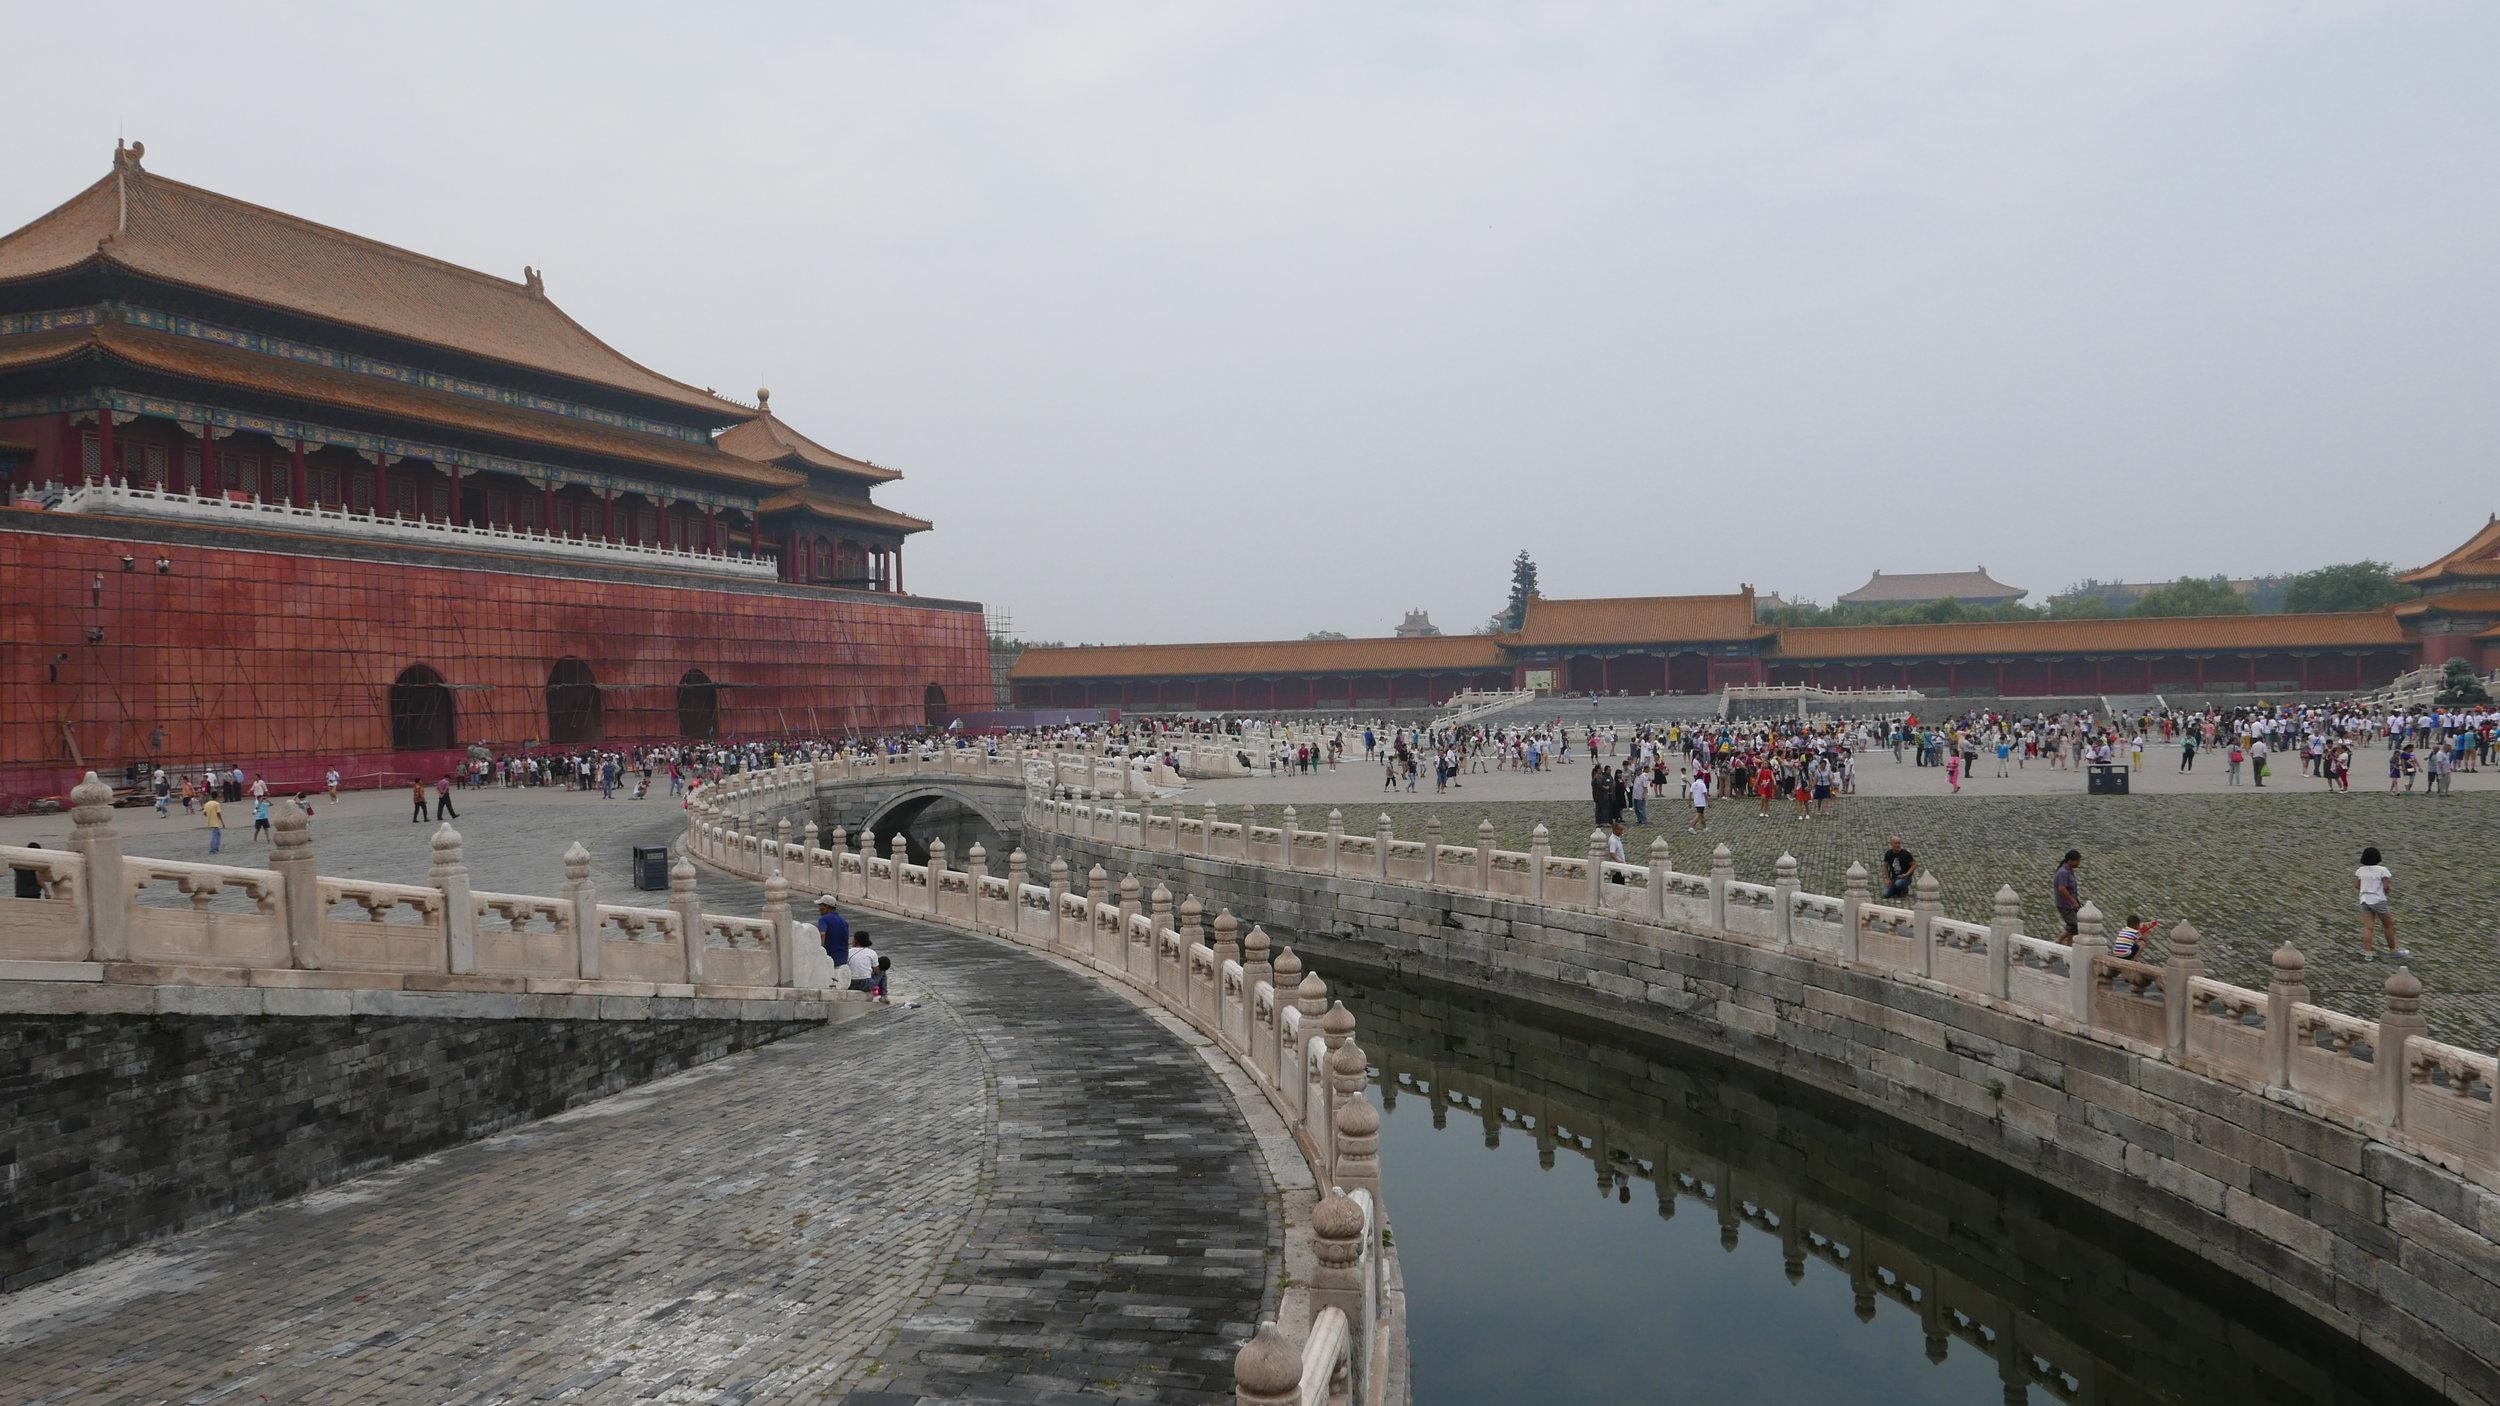 The Forbidden City - Magnus Aske